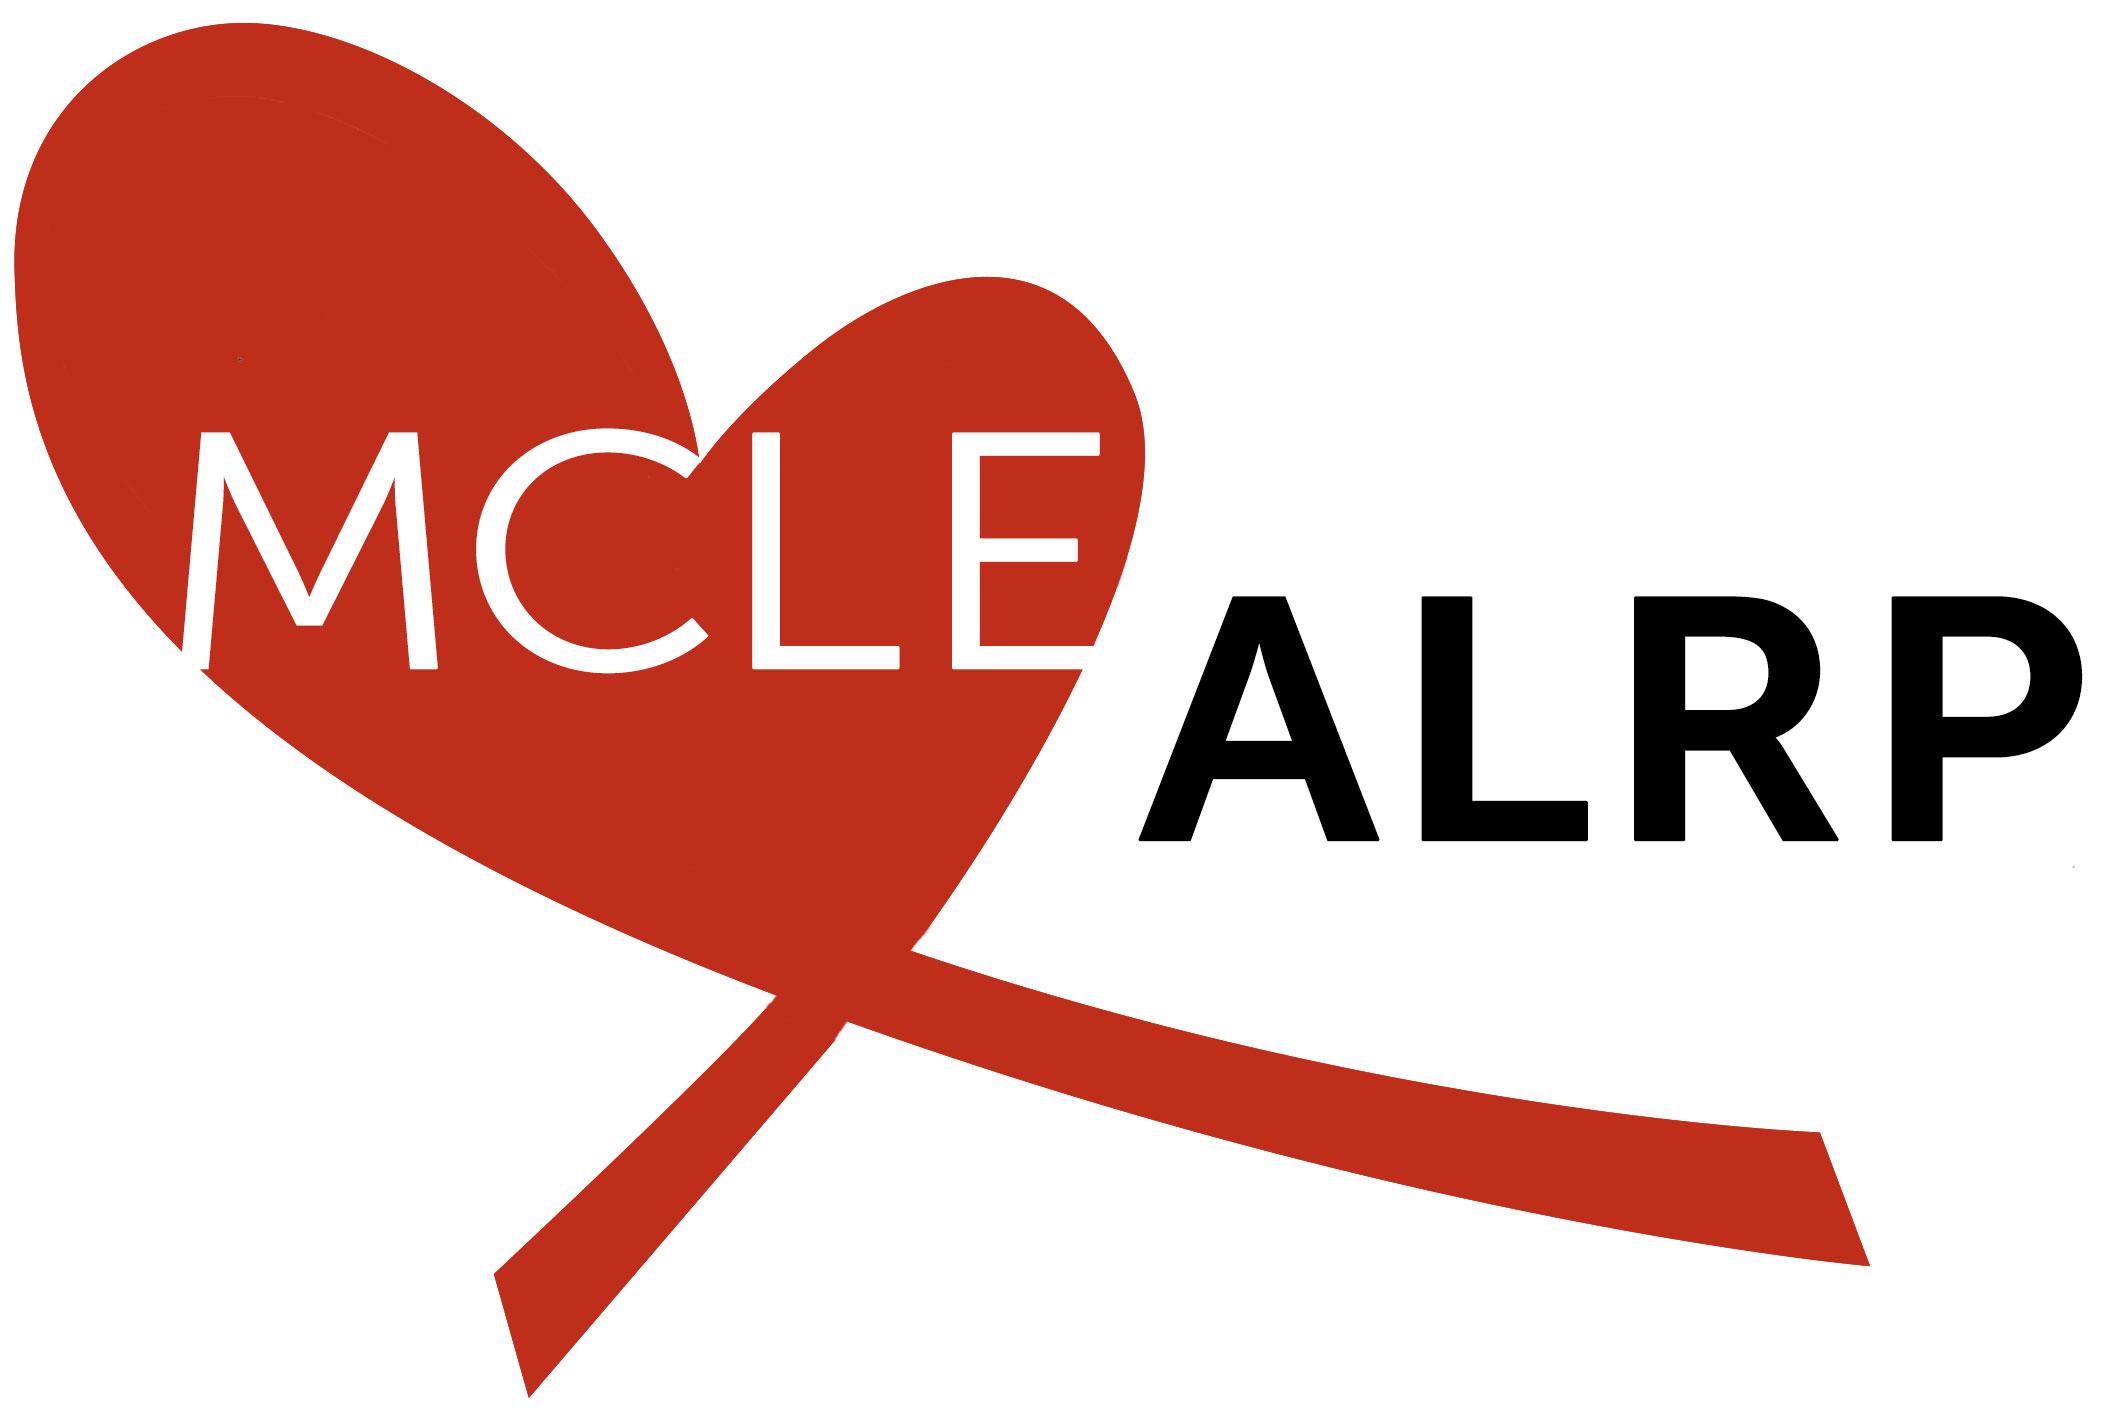 ALRP-MCLE-Logo_300dpi